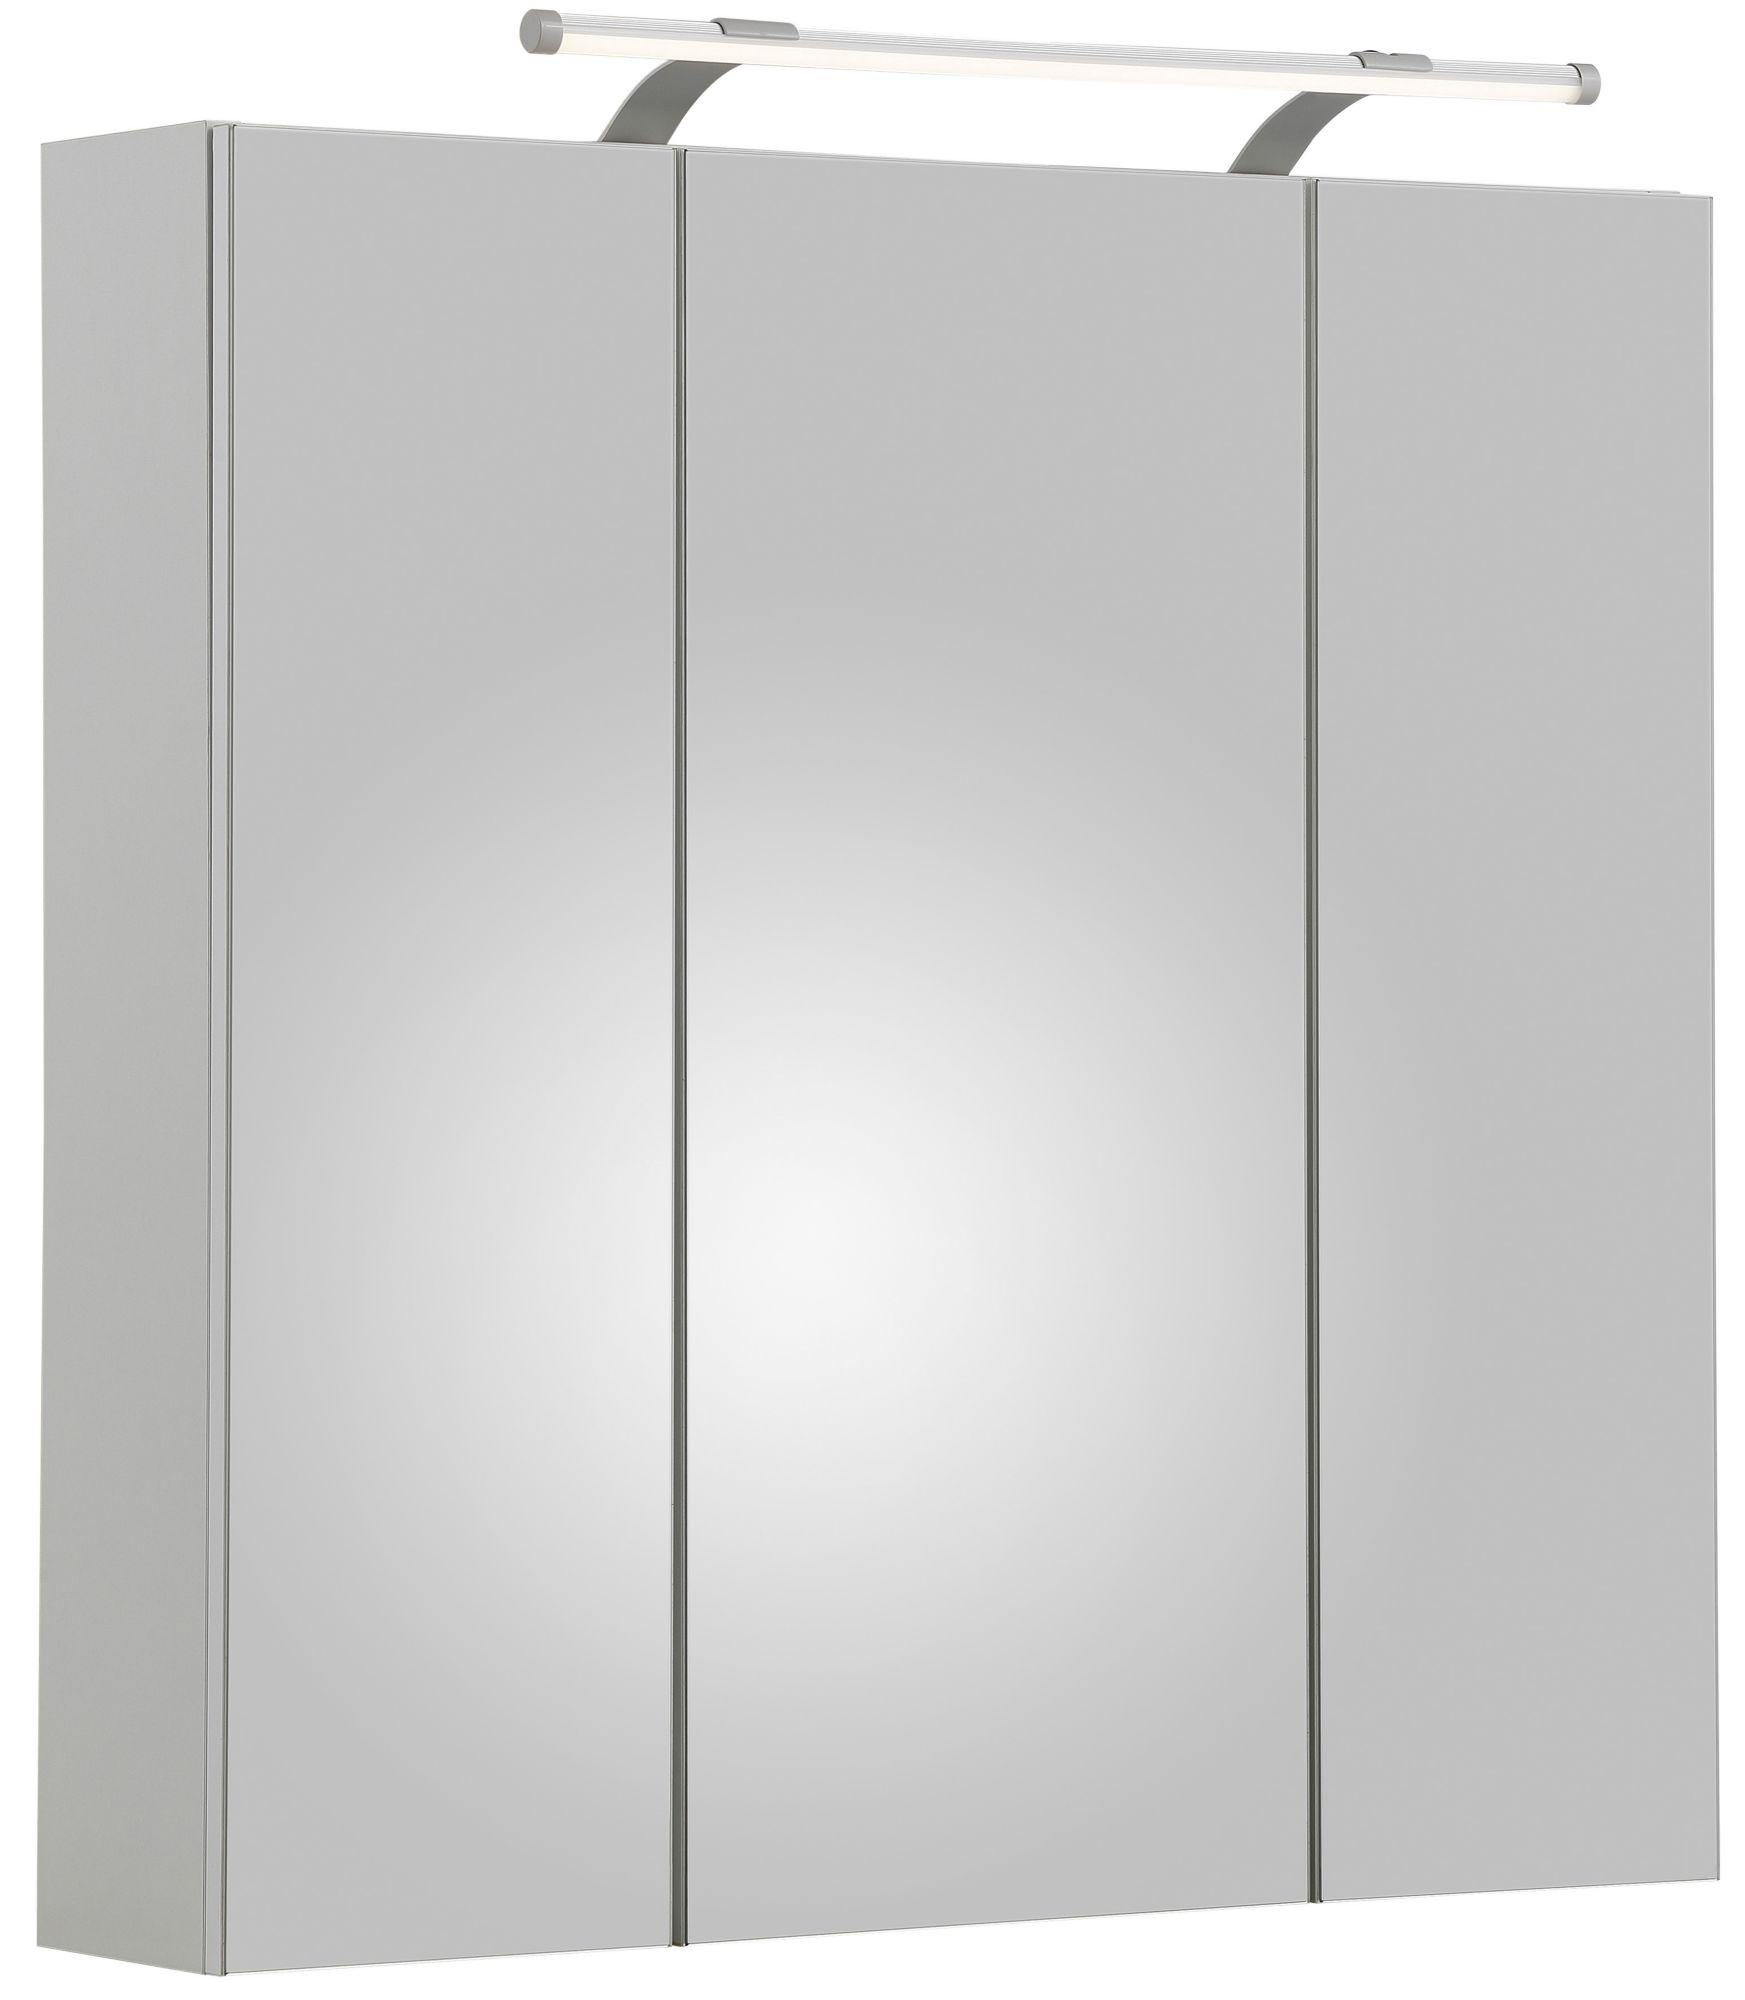 12189692 Erstaunlich Spiegelschrank Mit Licht Und Steckdose Dekorationen